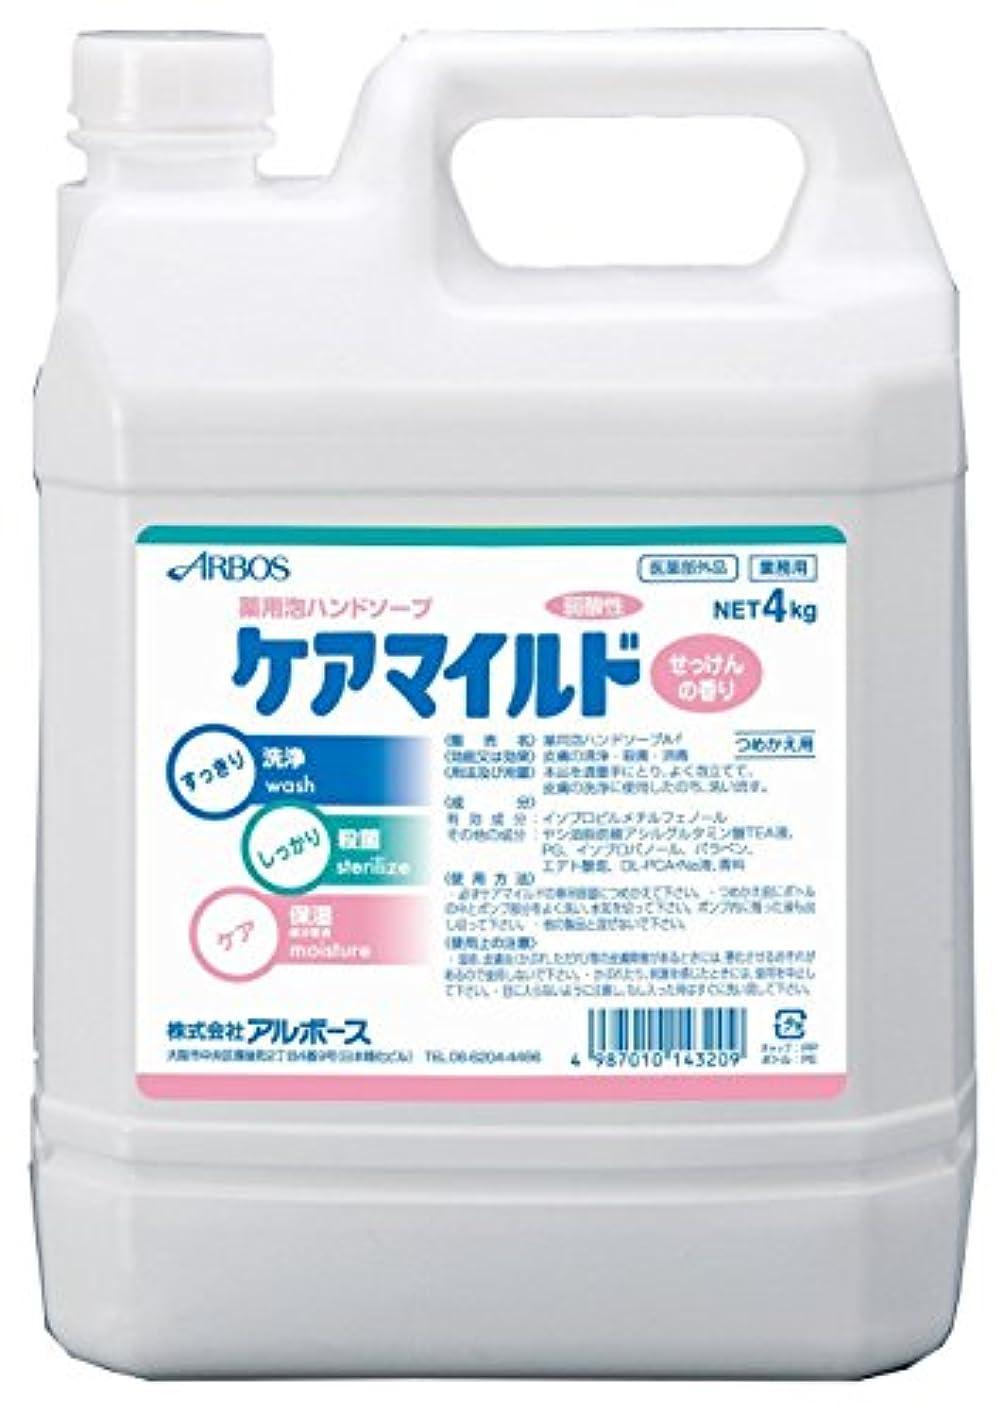 精神薄暗い寄付する薬用泡ハンドソープ ケアマイルド 詰め替え用 4L (4本入り)